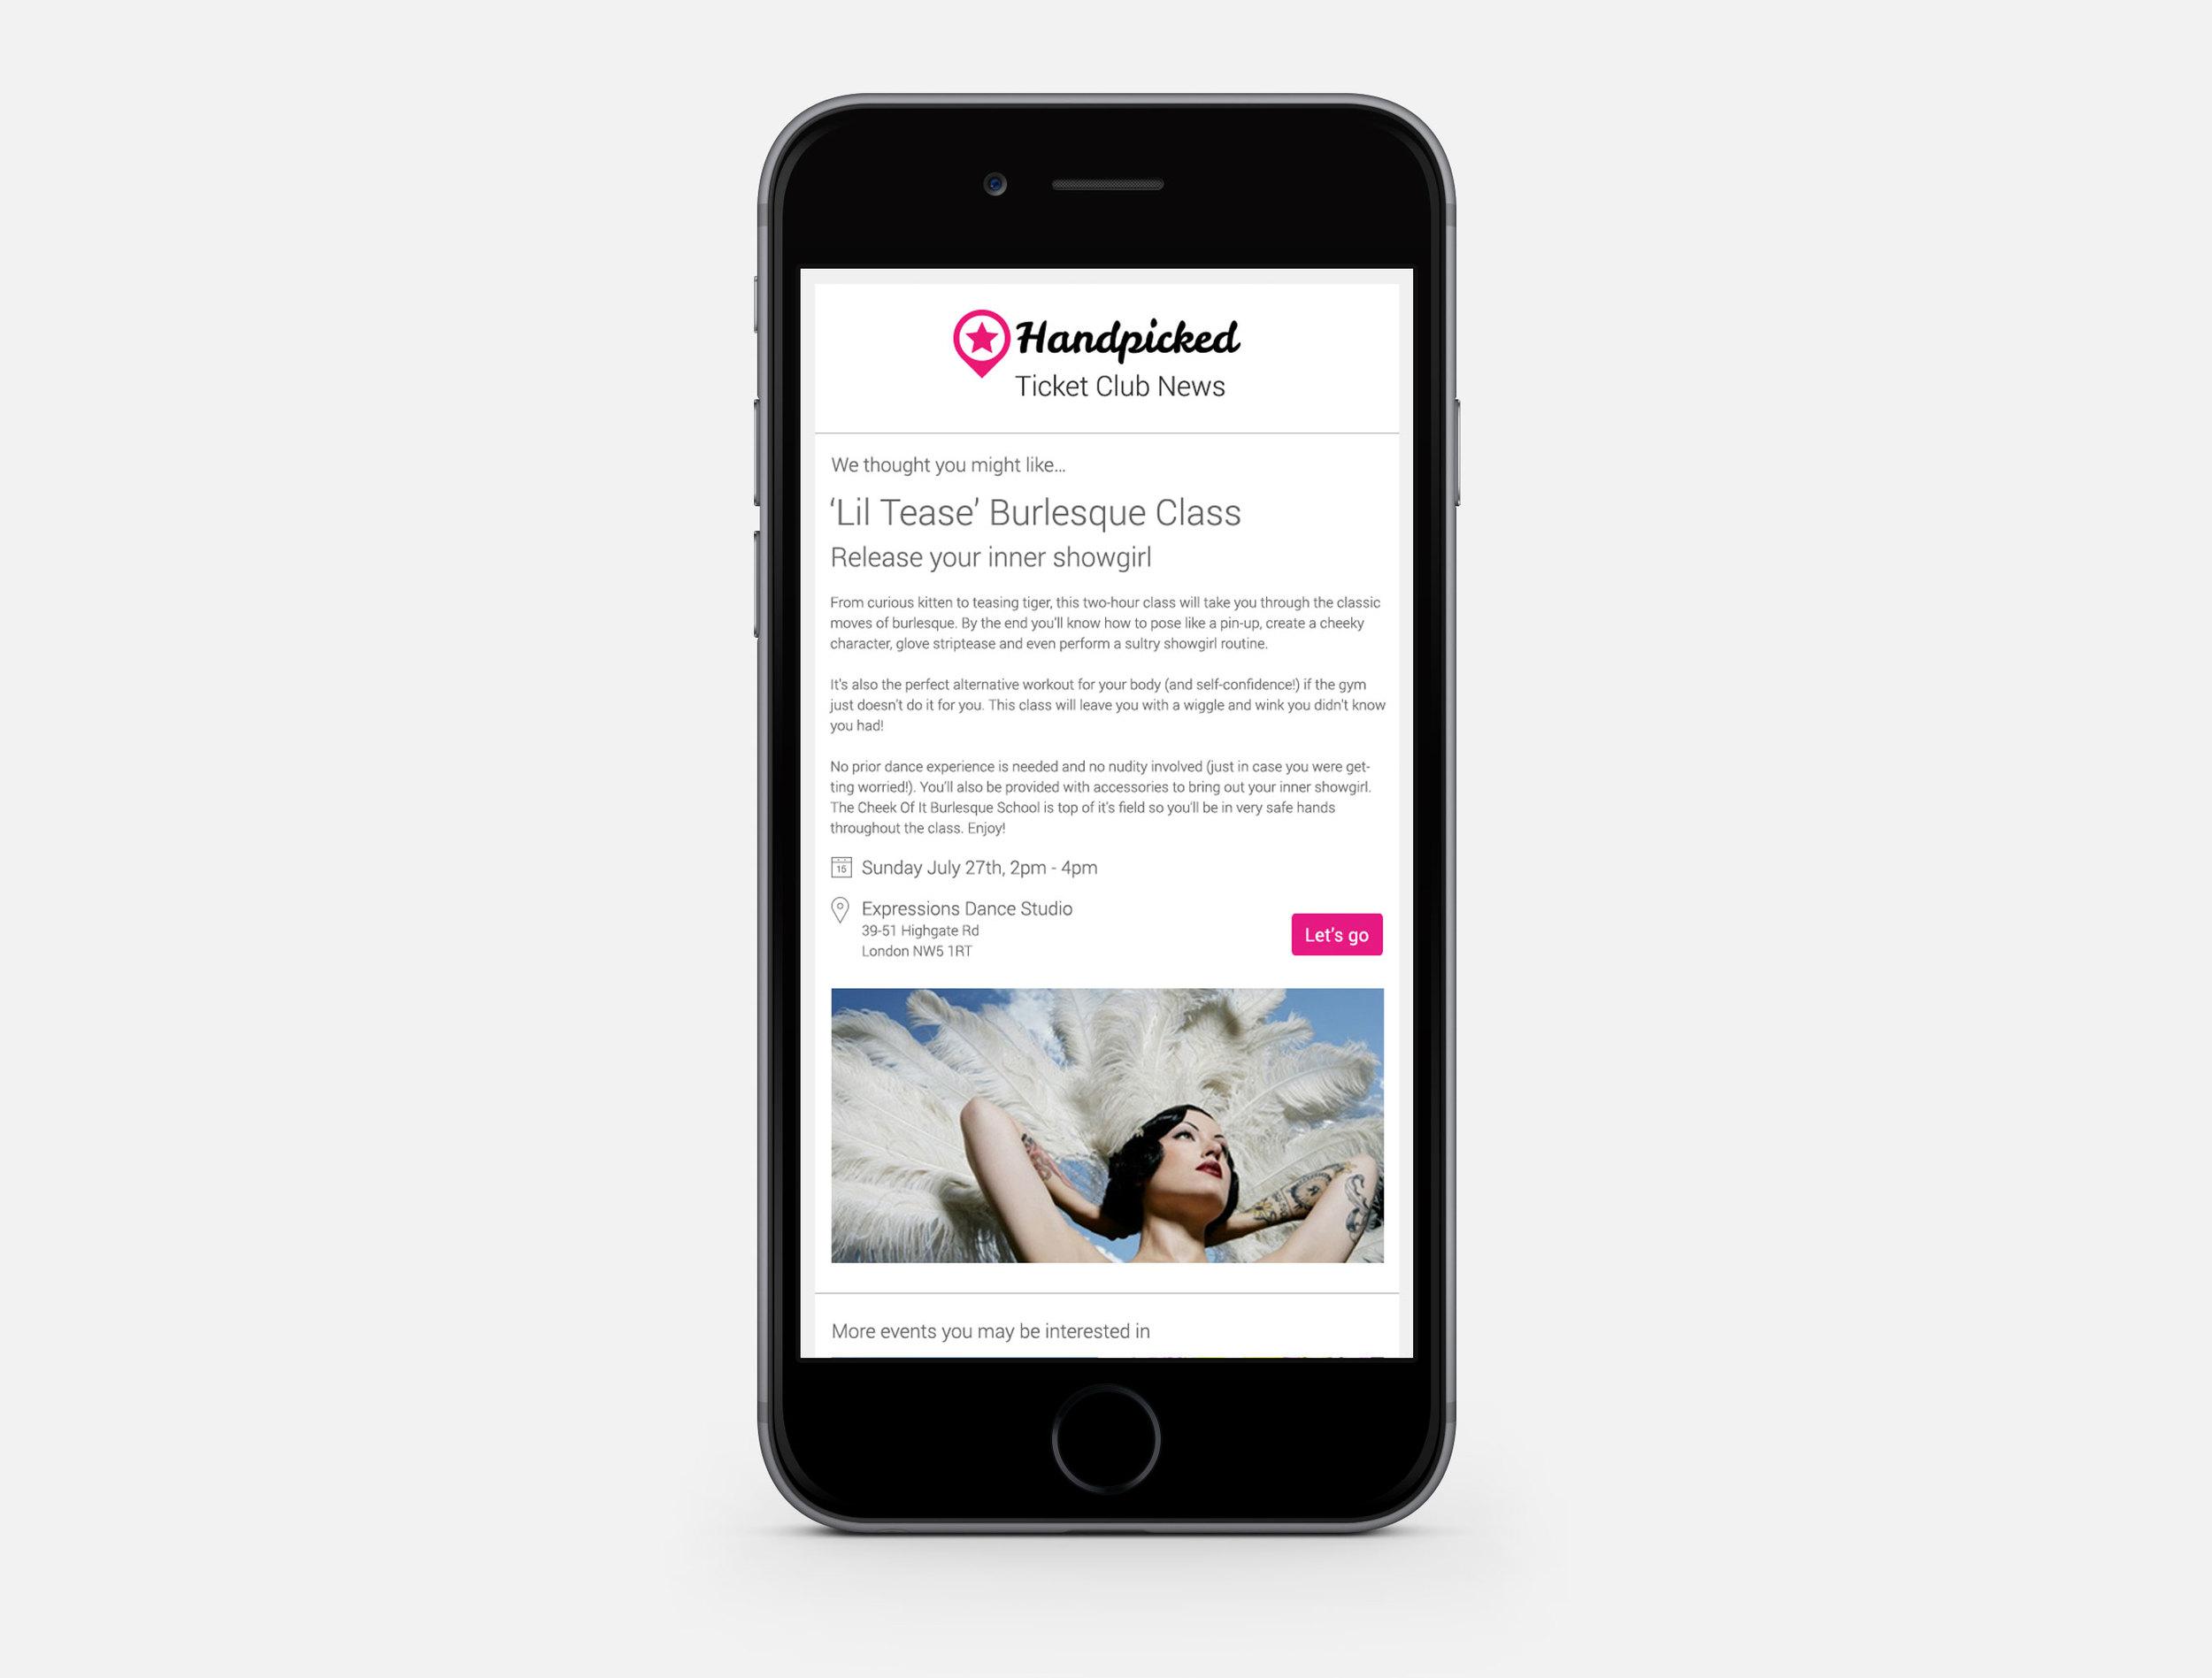 handpicked_mobile_screen1.jpg